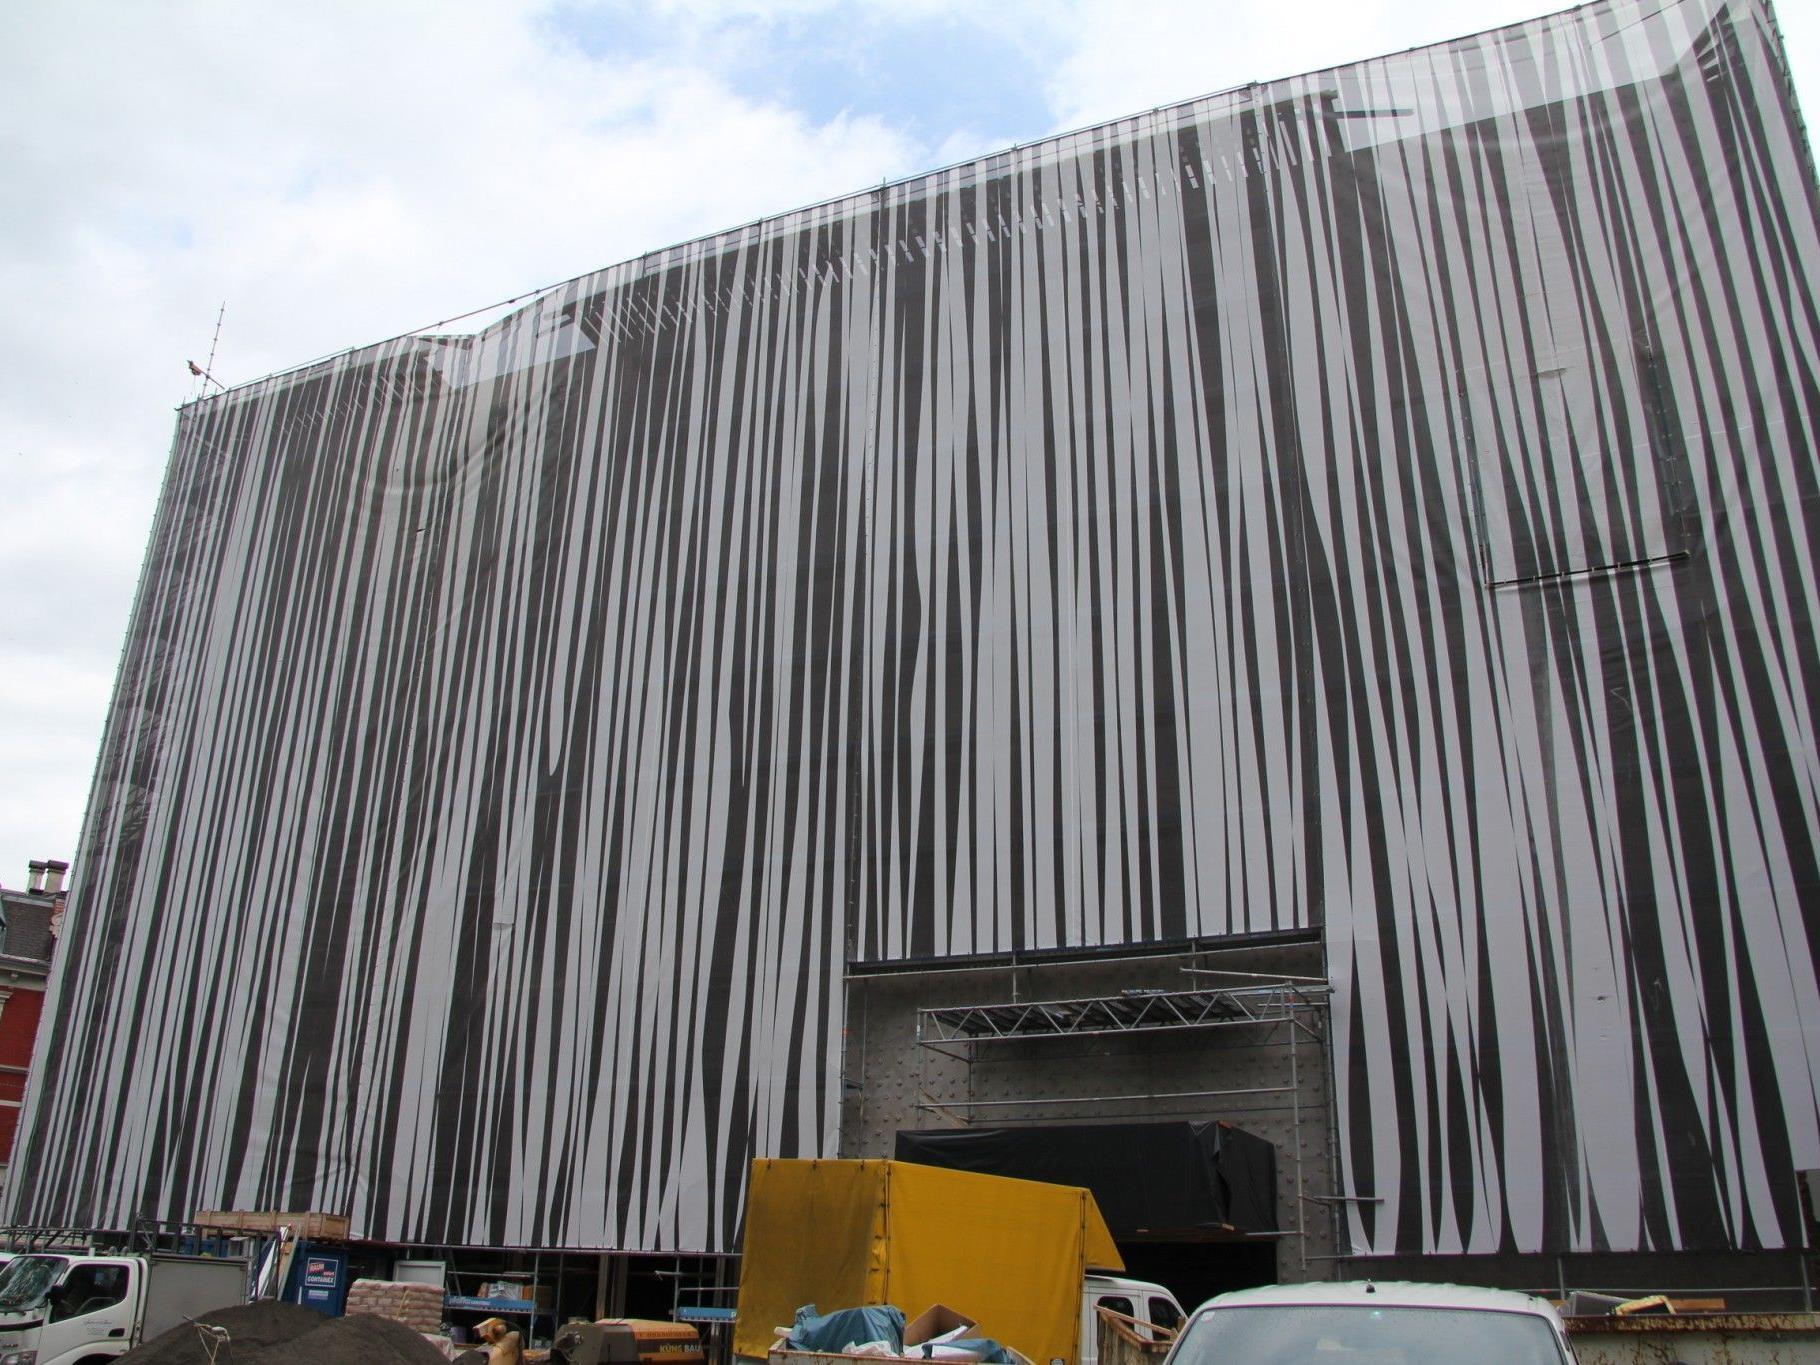 Das Budget für den Bau des vorarlberg museum beträgt rund 34 Millionen Euro.